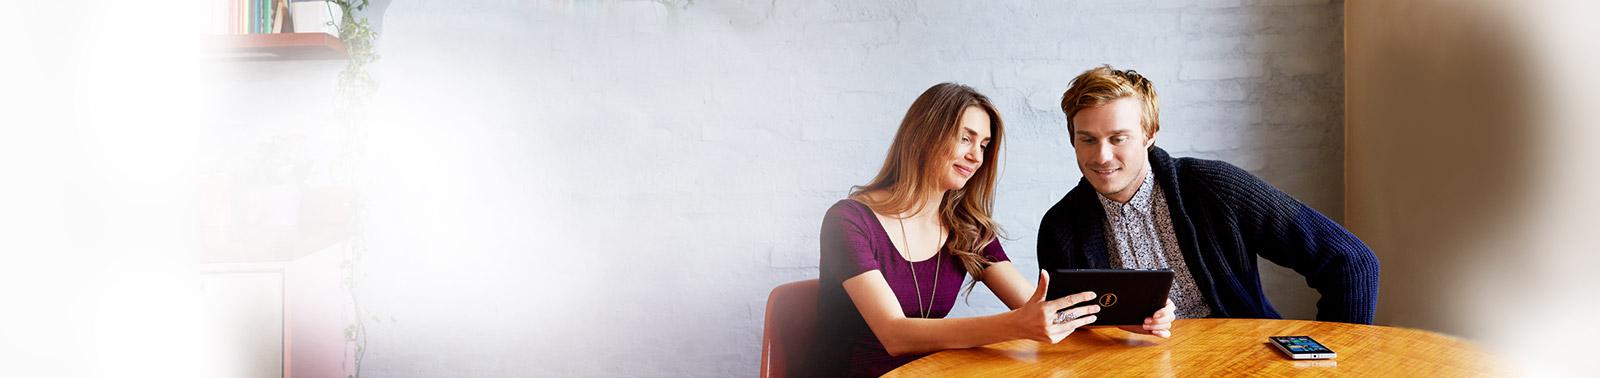 Uma mulher sentada numa mesa, a segurar um tablet e a mostrá-lo a um homem ao seu lado.